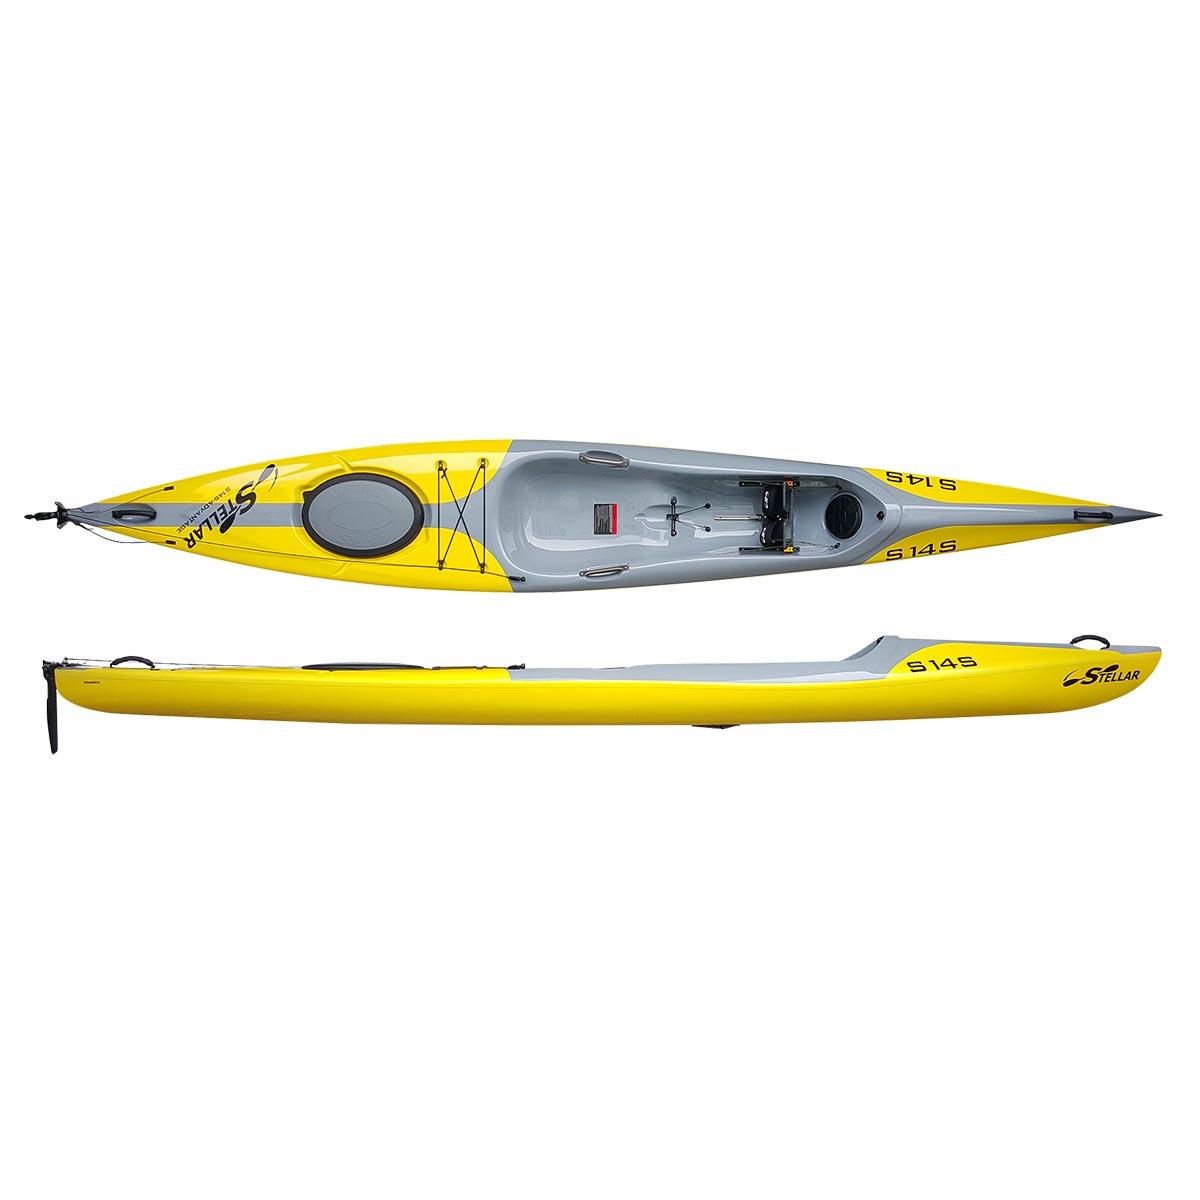 Stellar Kayaks 14' Surf Ski S14S